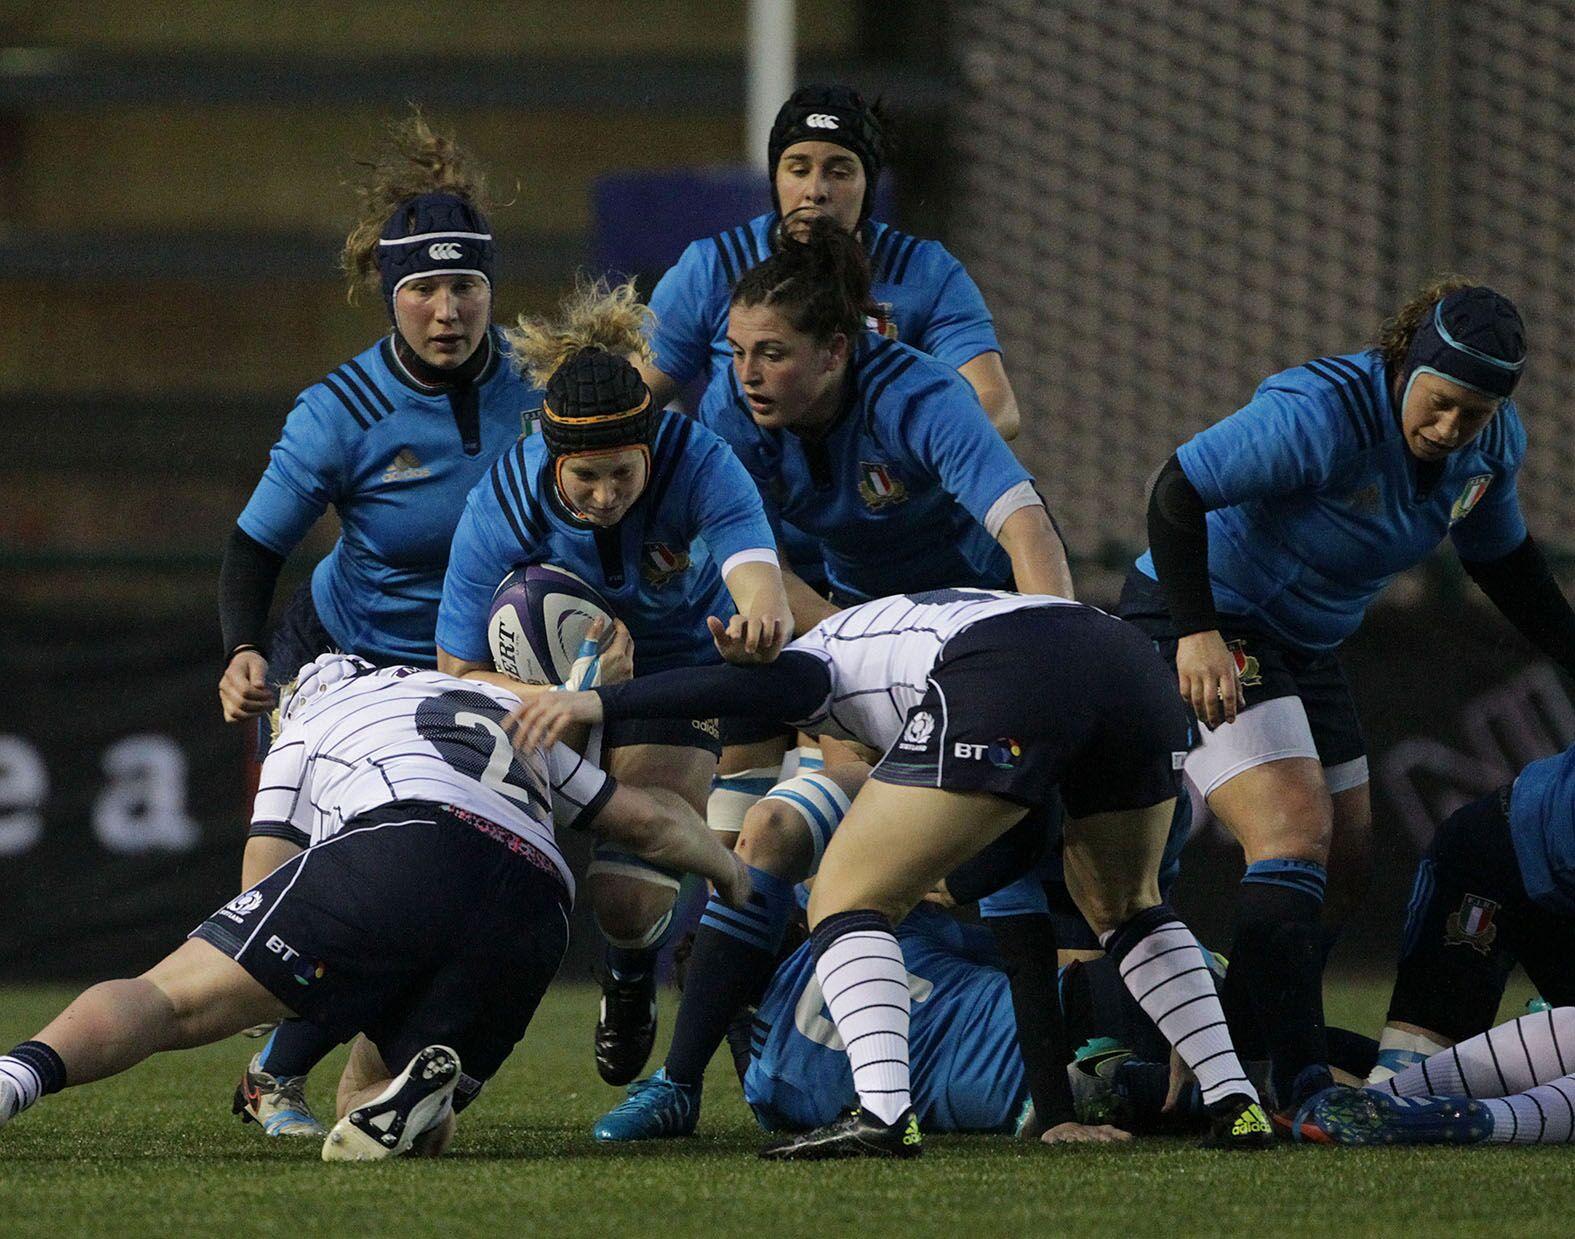 scozia-italia sei nazioni femminile 2017